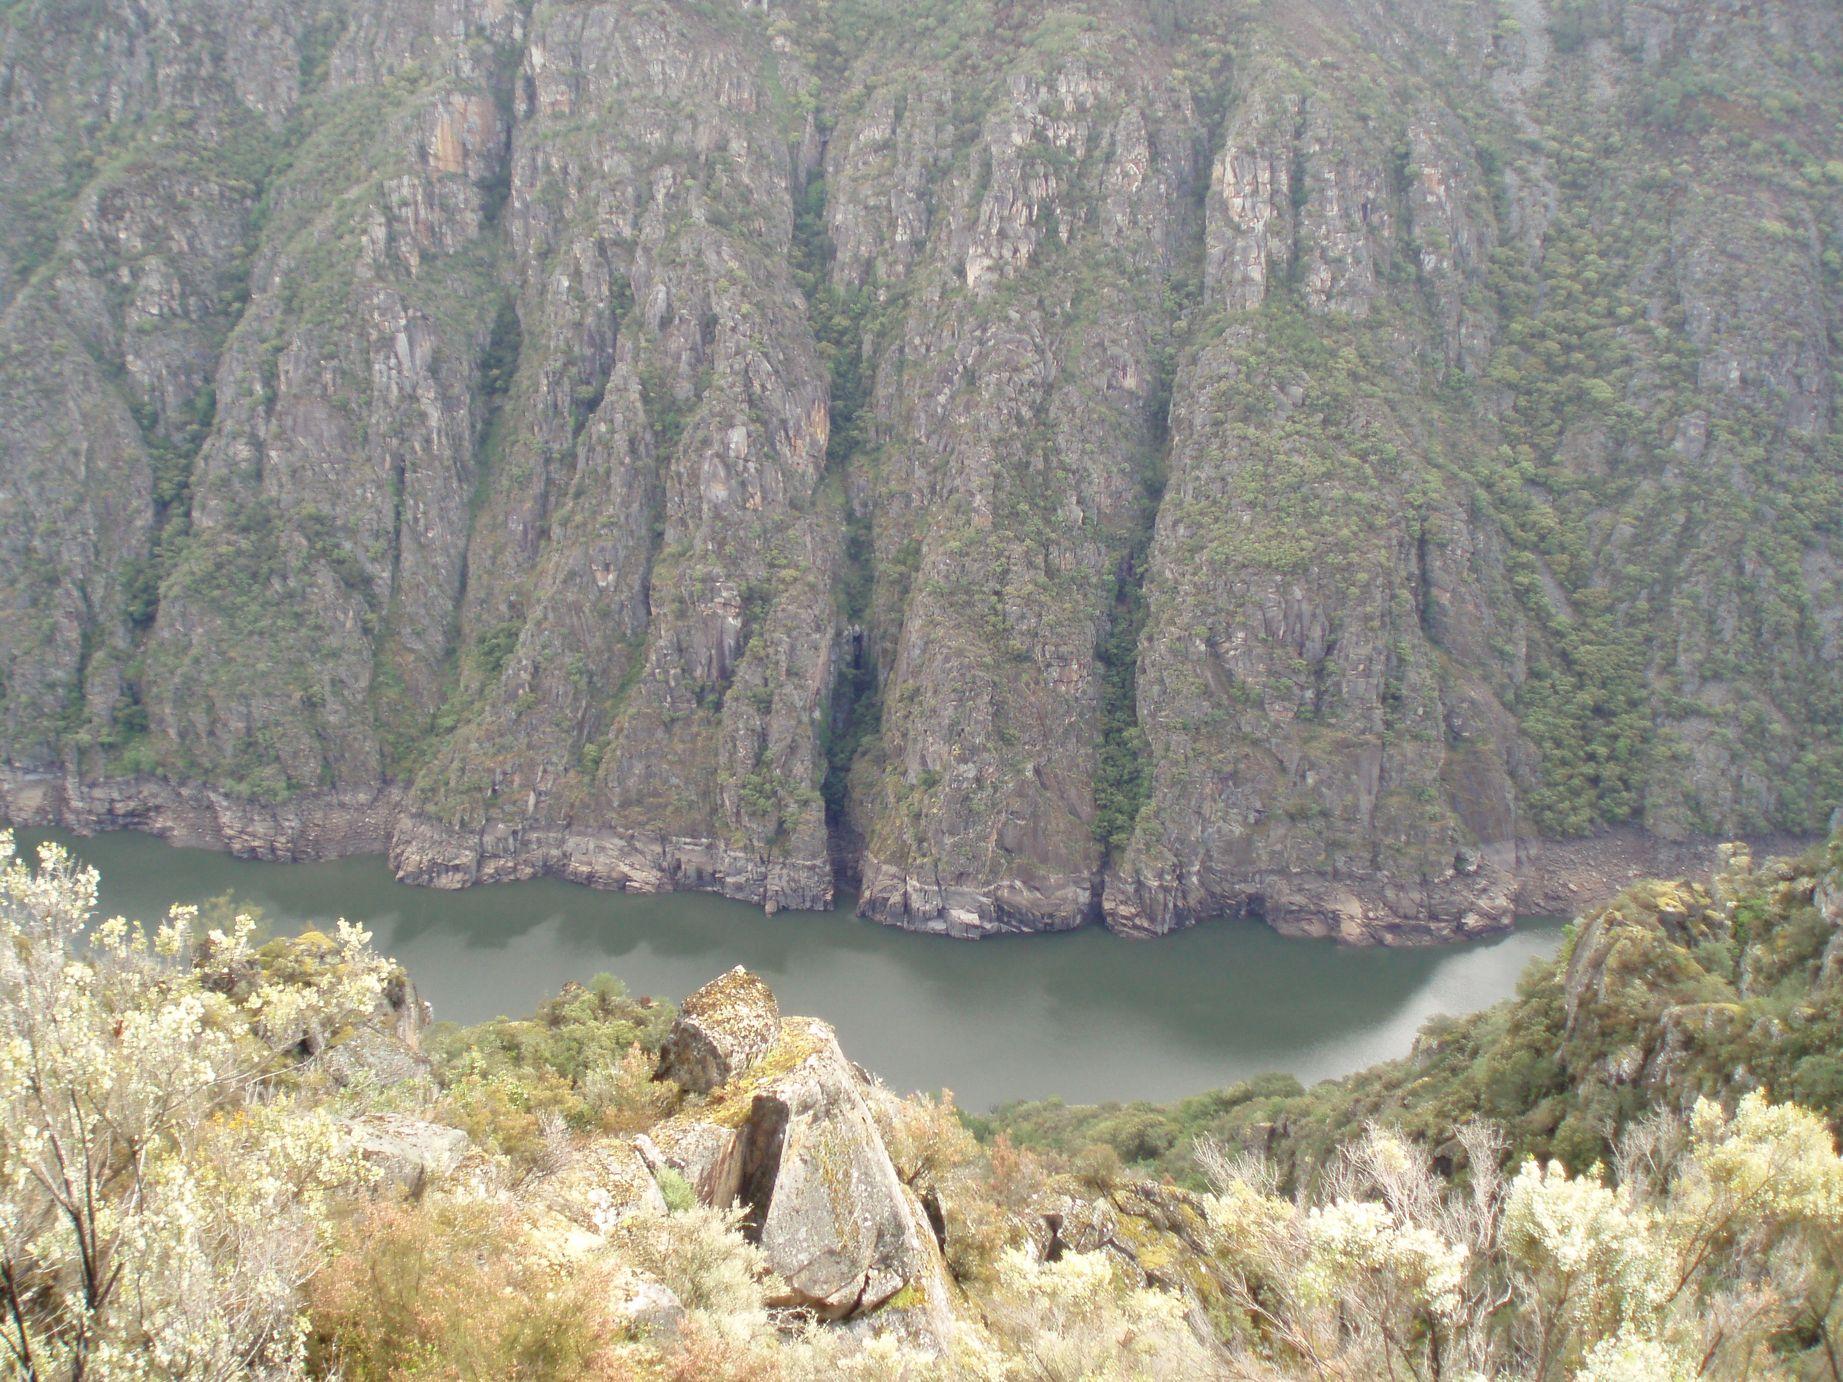 Pared vertical sobre el río